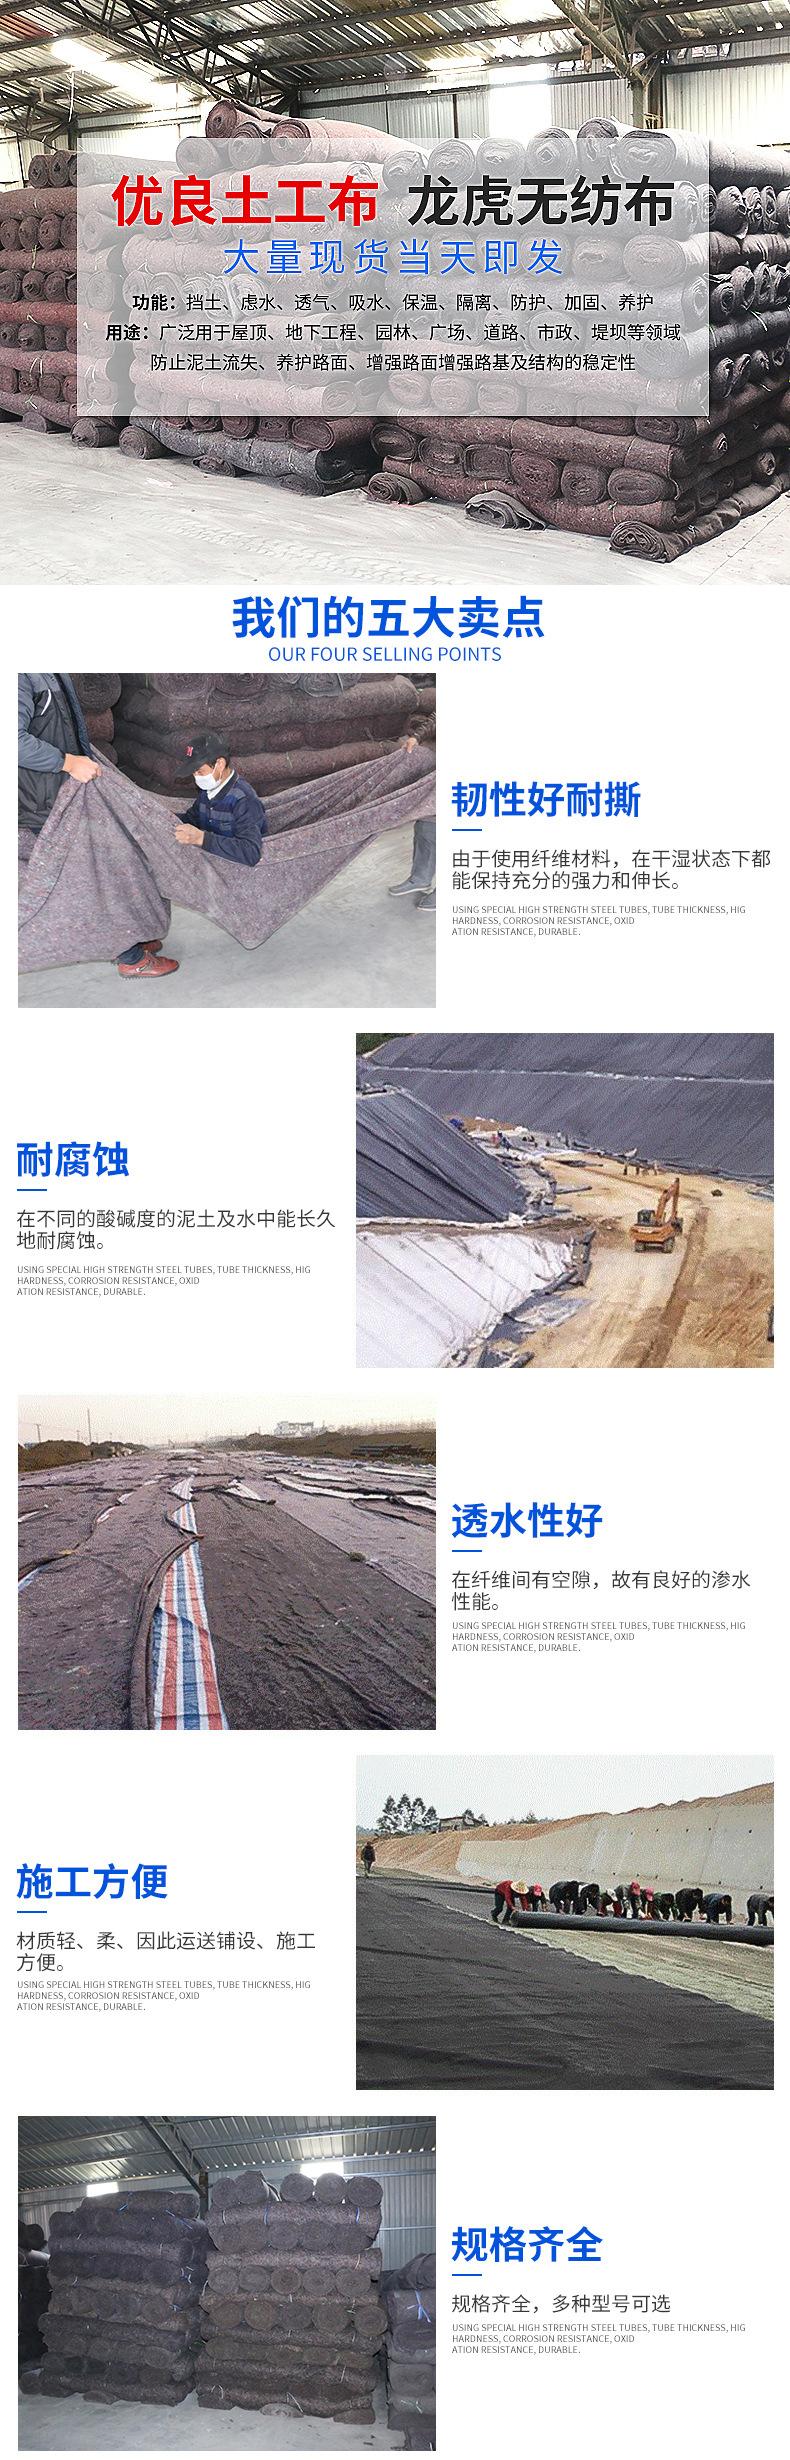 家具包装毯子养护公路